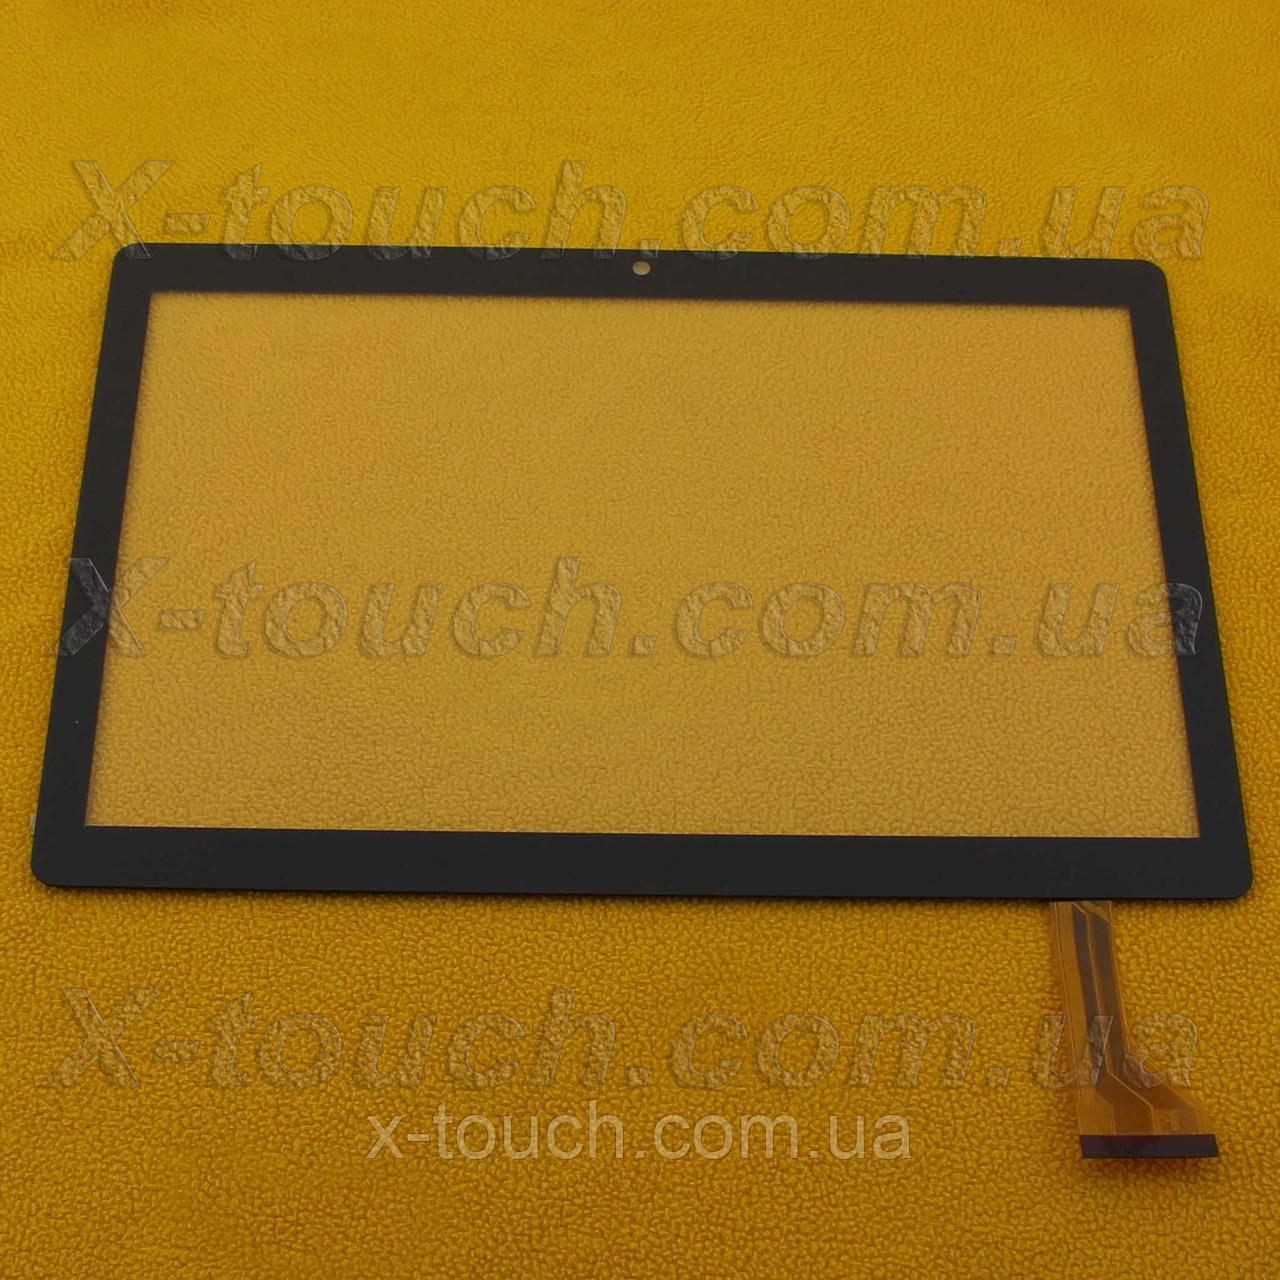 Cенсор, тачскрин MJK-0720 FPC для планшета, цвет черный.